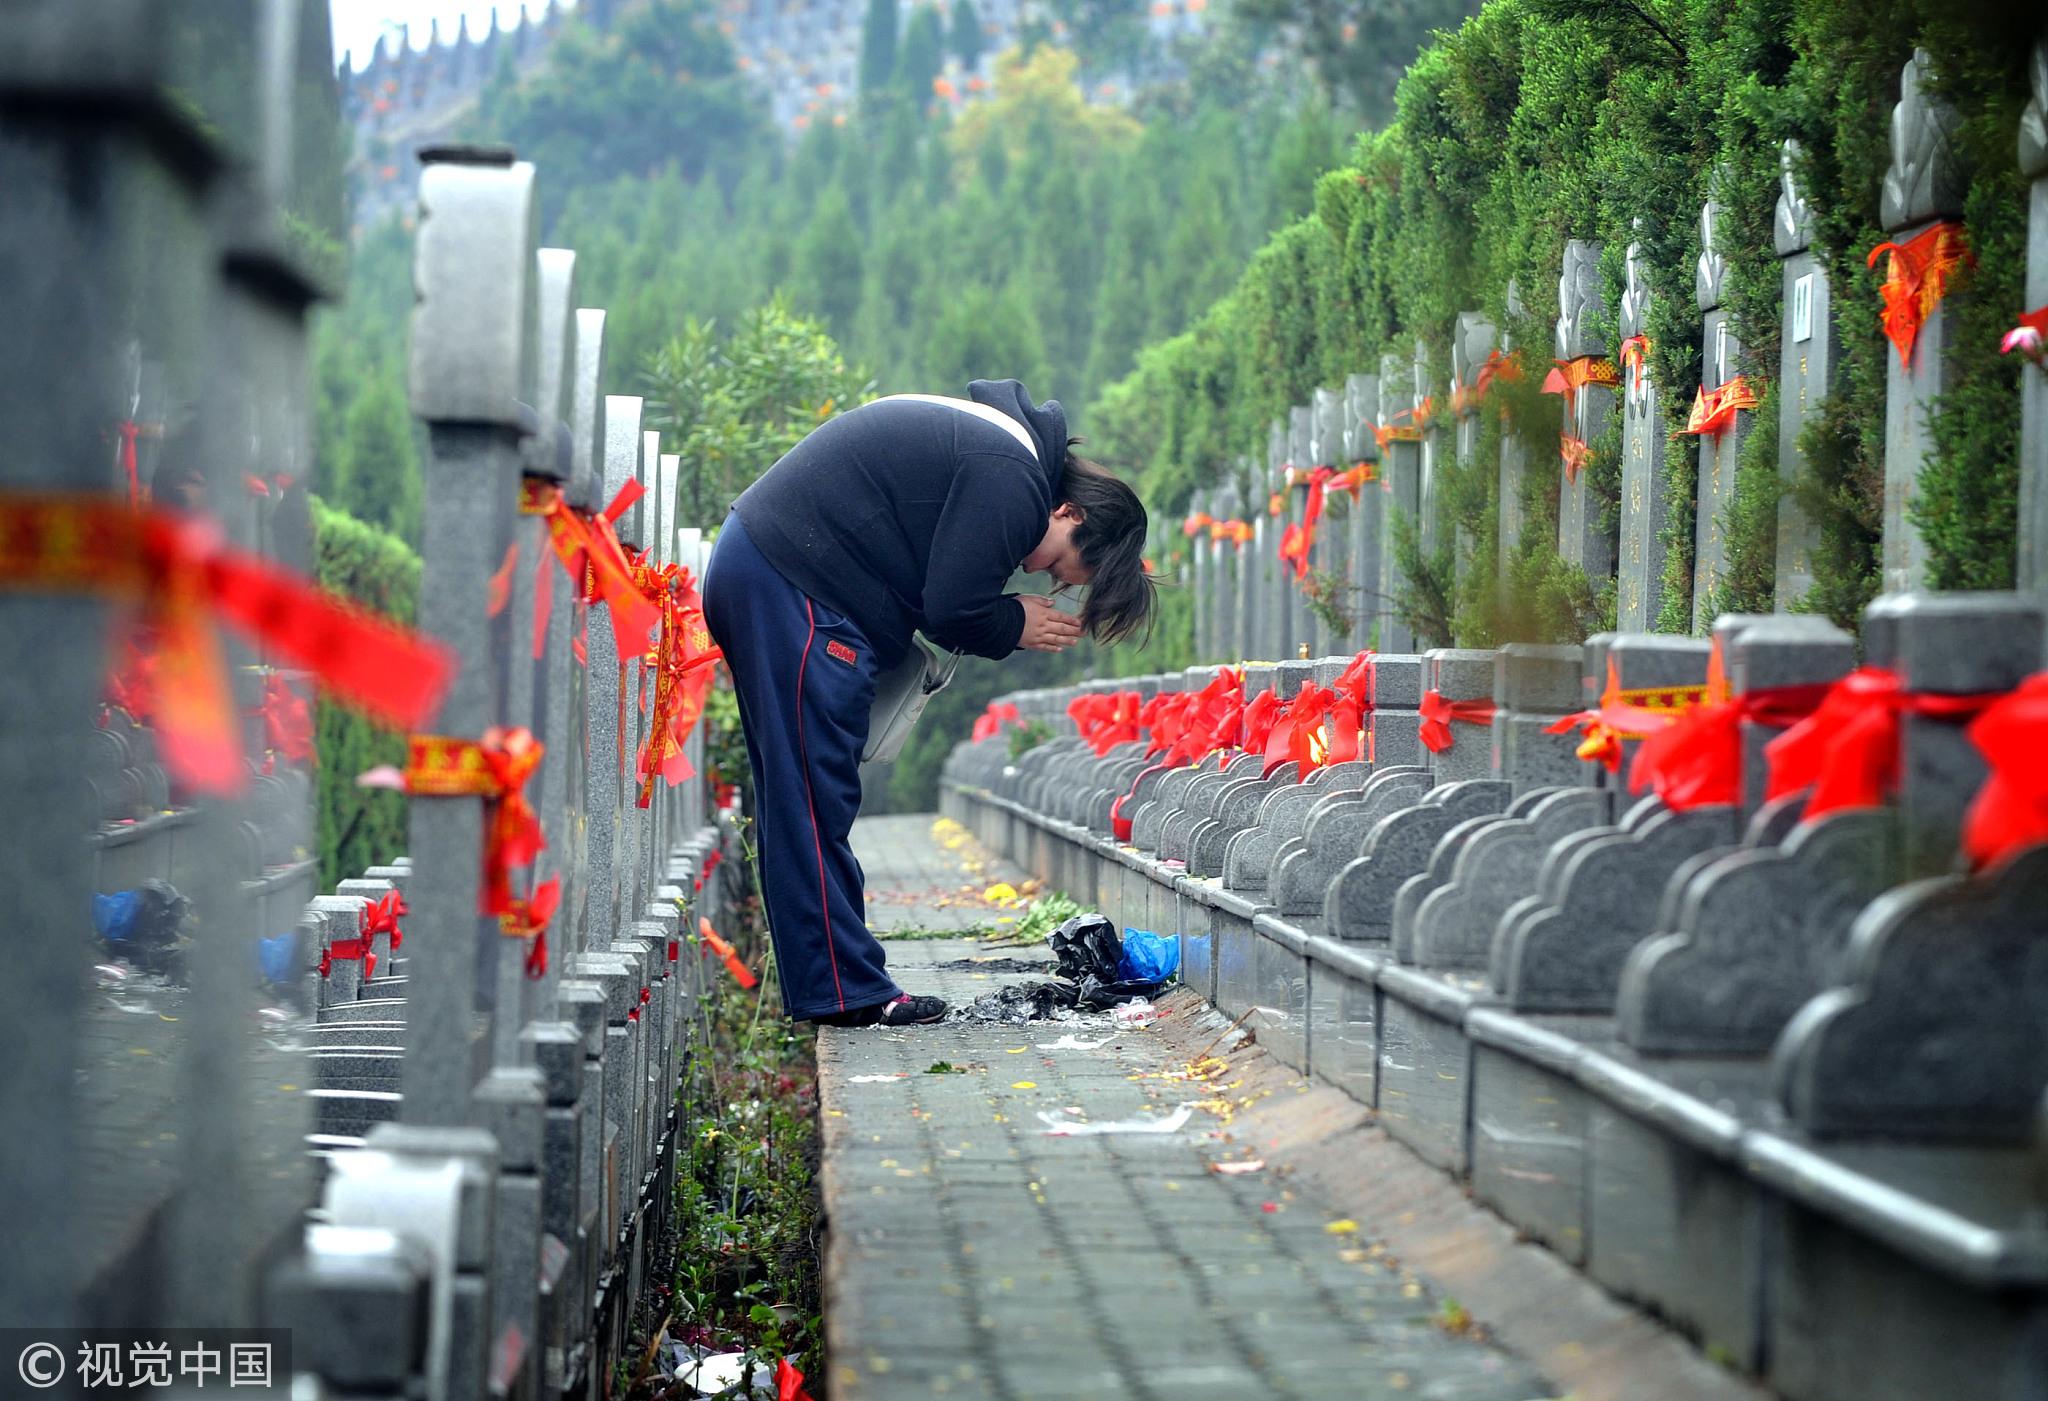 林家宅37号事件是假的解密:上海灵异闹鬼事件老宅房屋盘点曝光